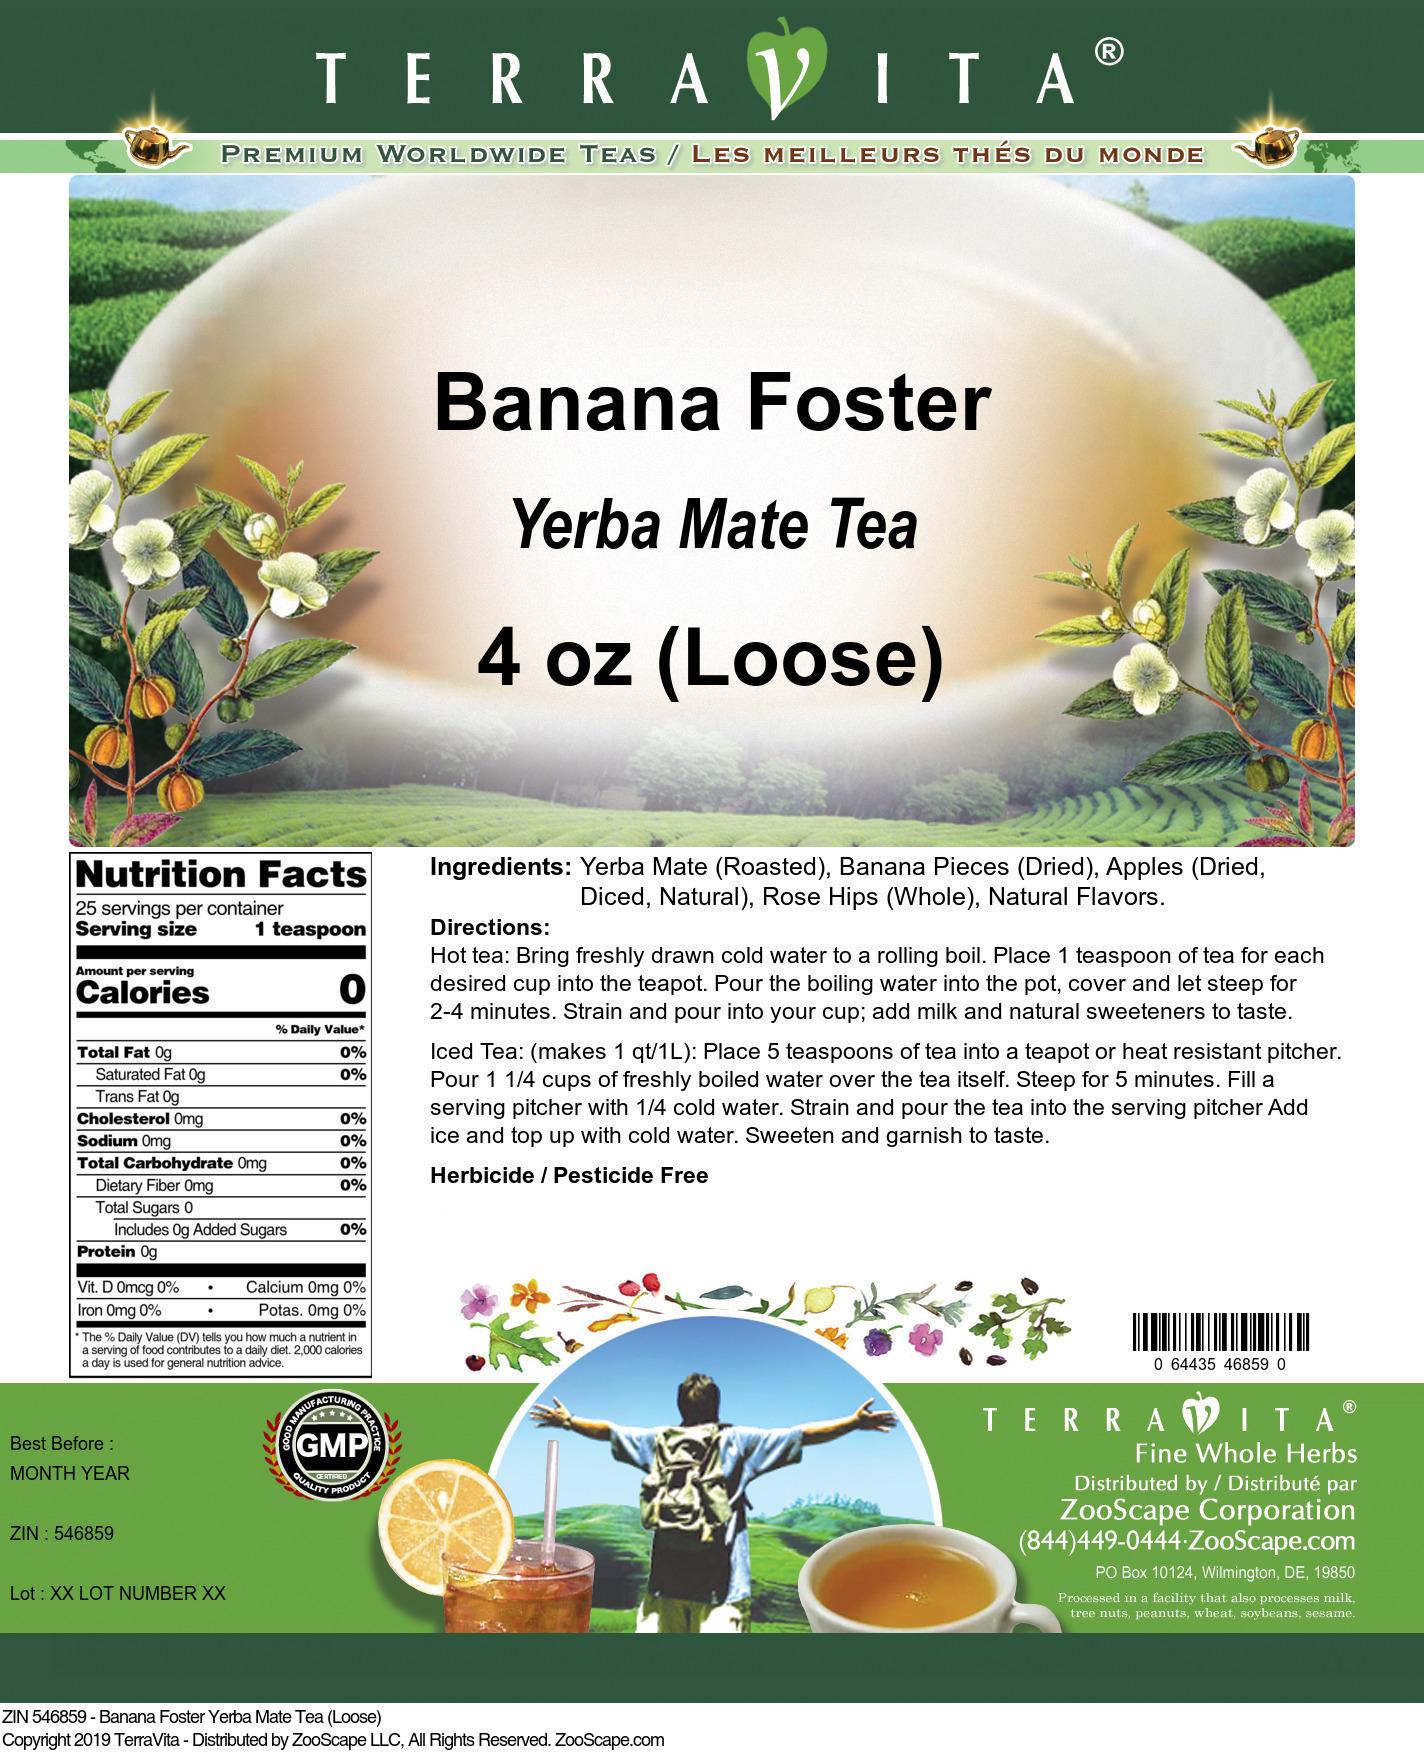 Banana Foster Yerba Mate